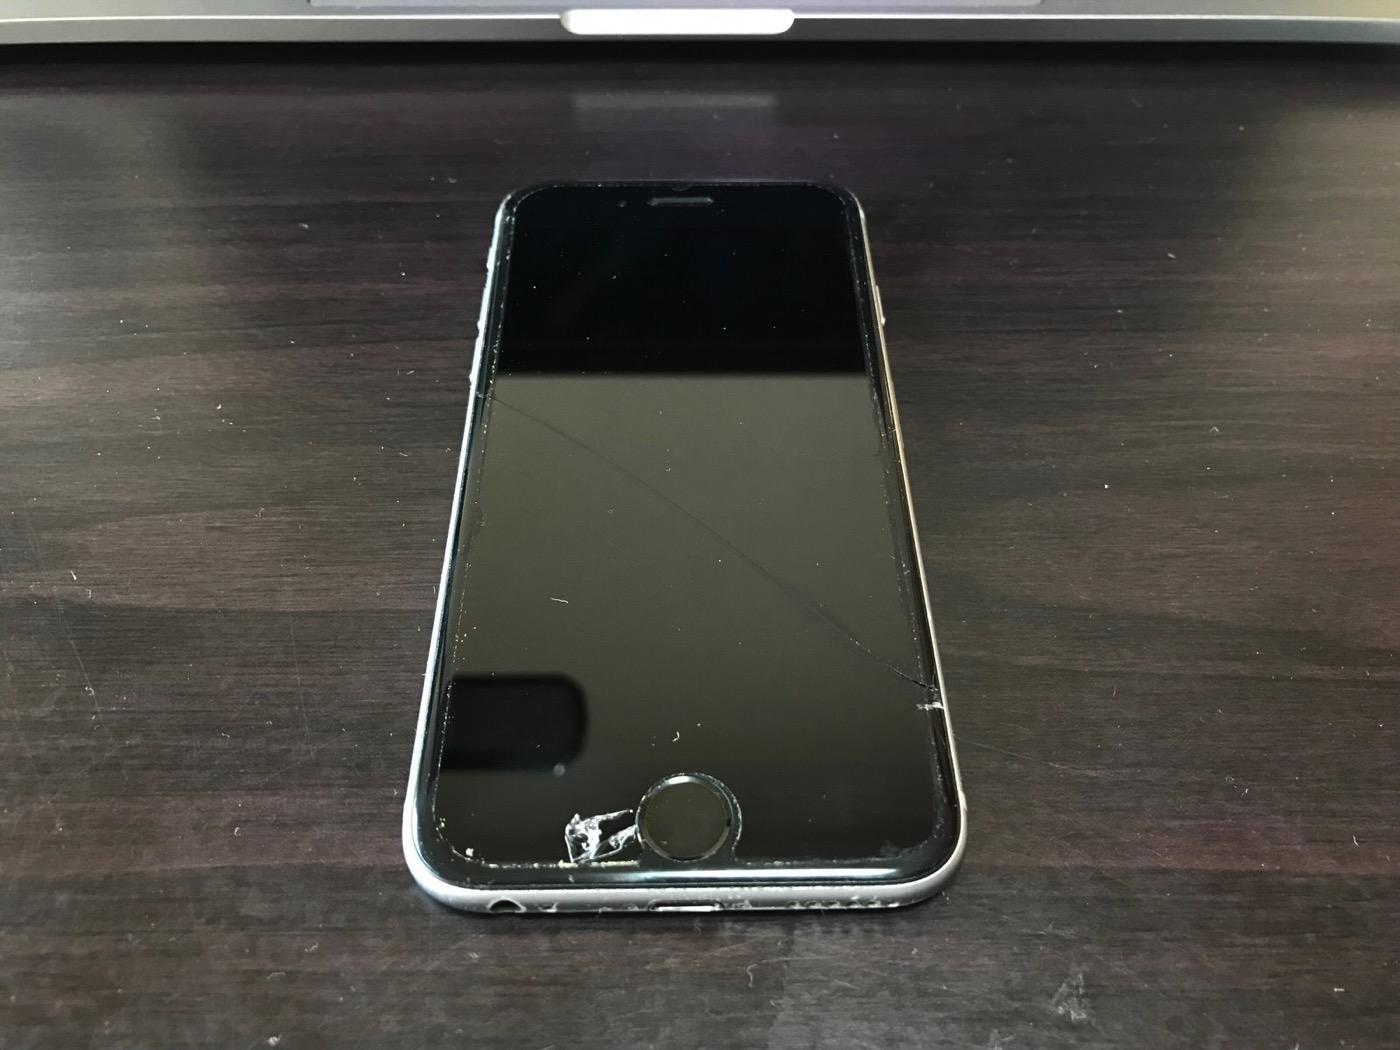 Ryo_iPhone 6s-3